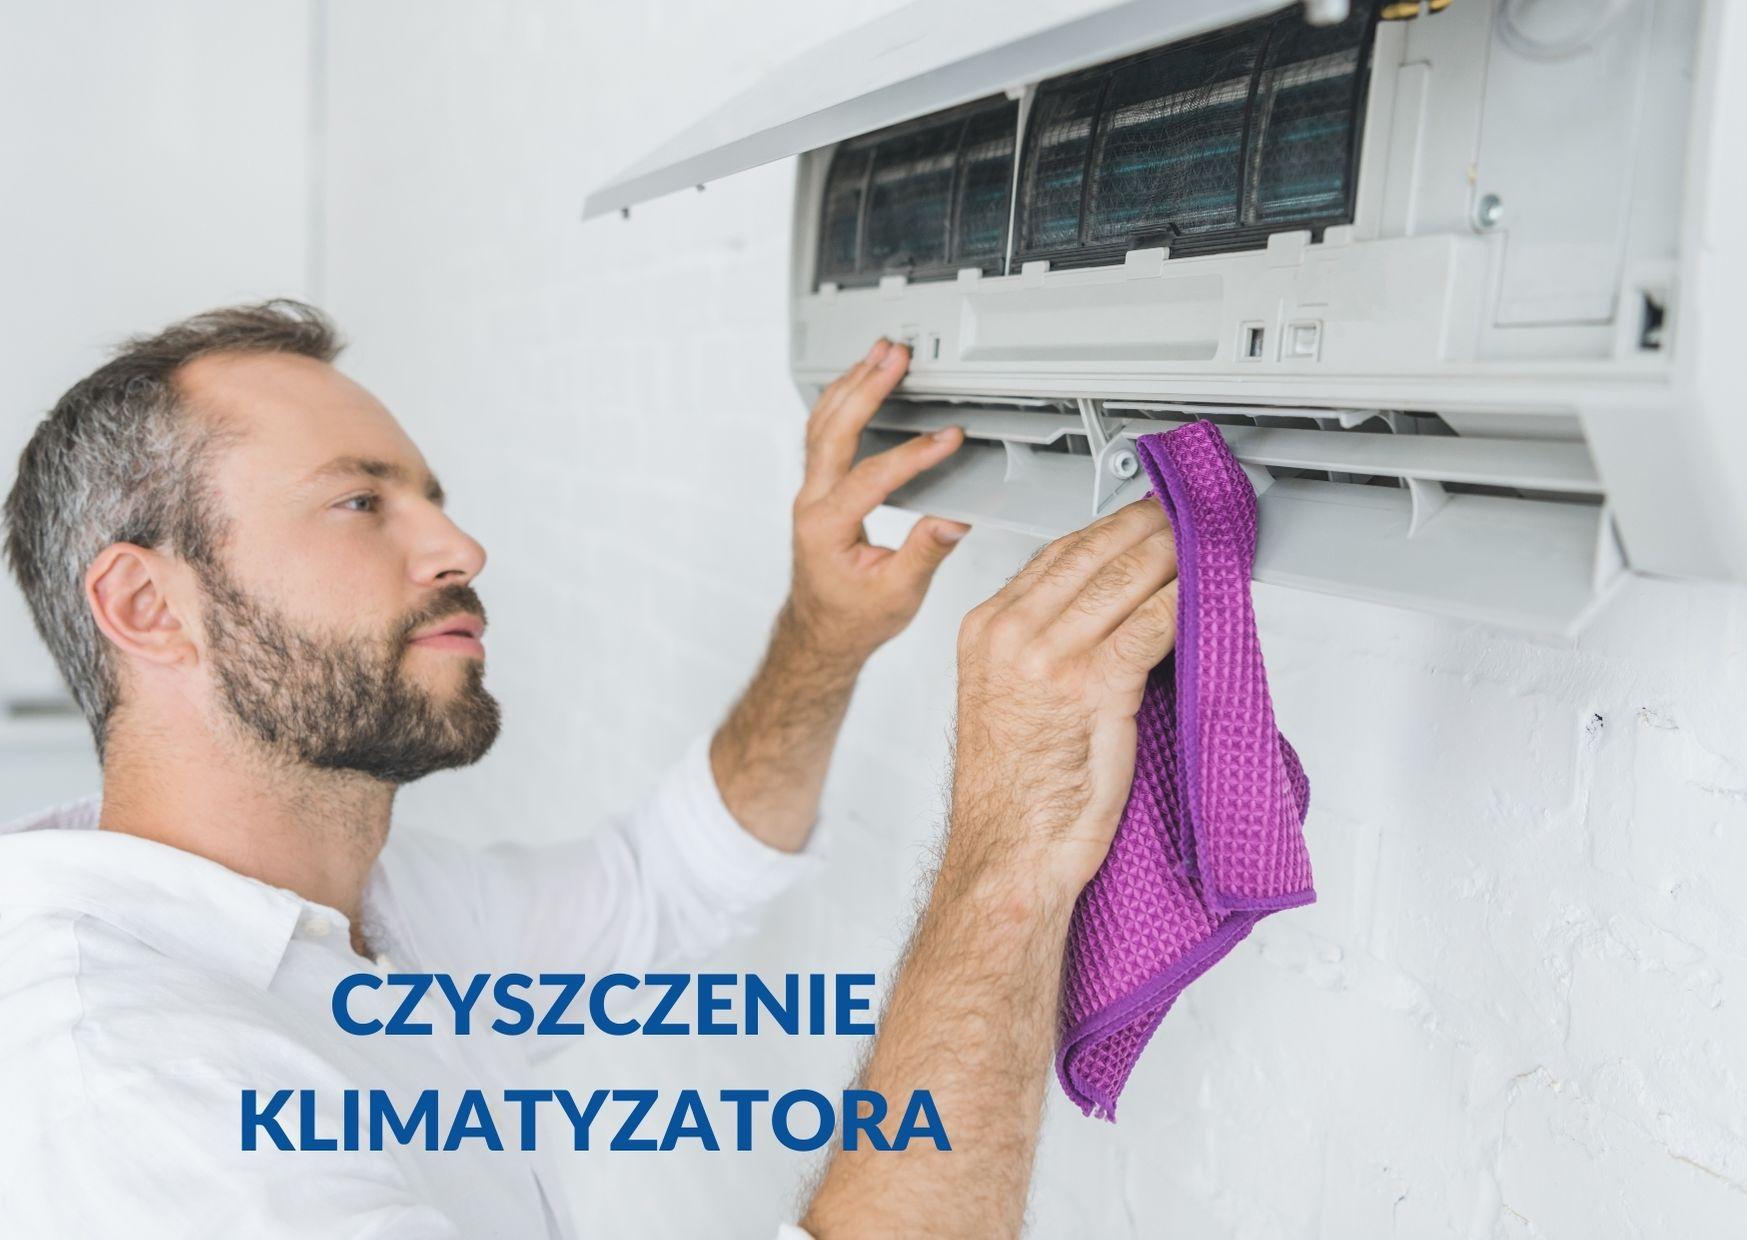 Czyszczenie-klimatyzatora